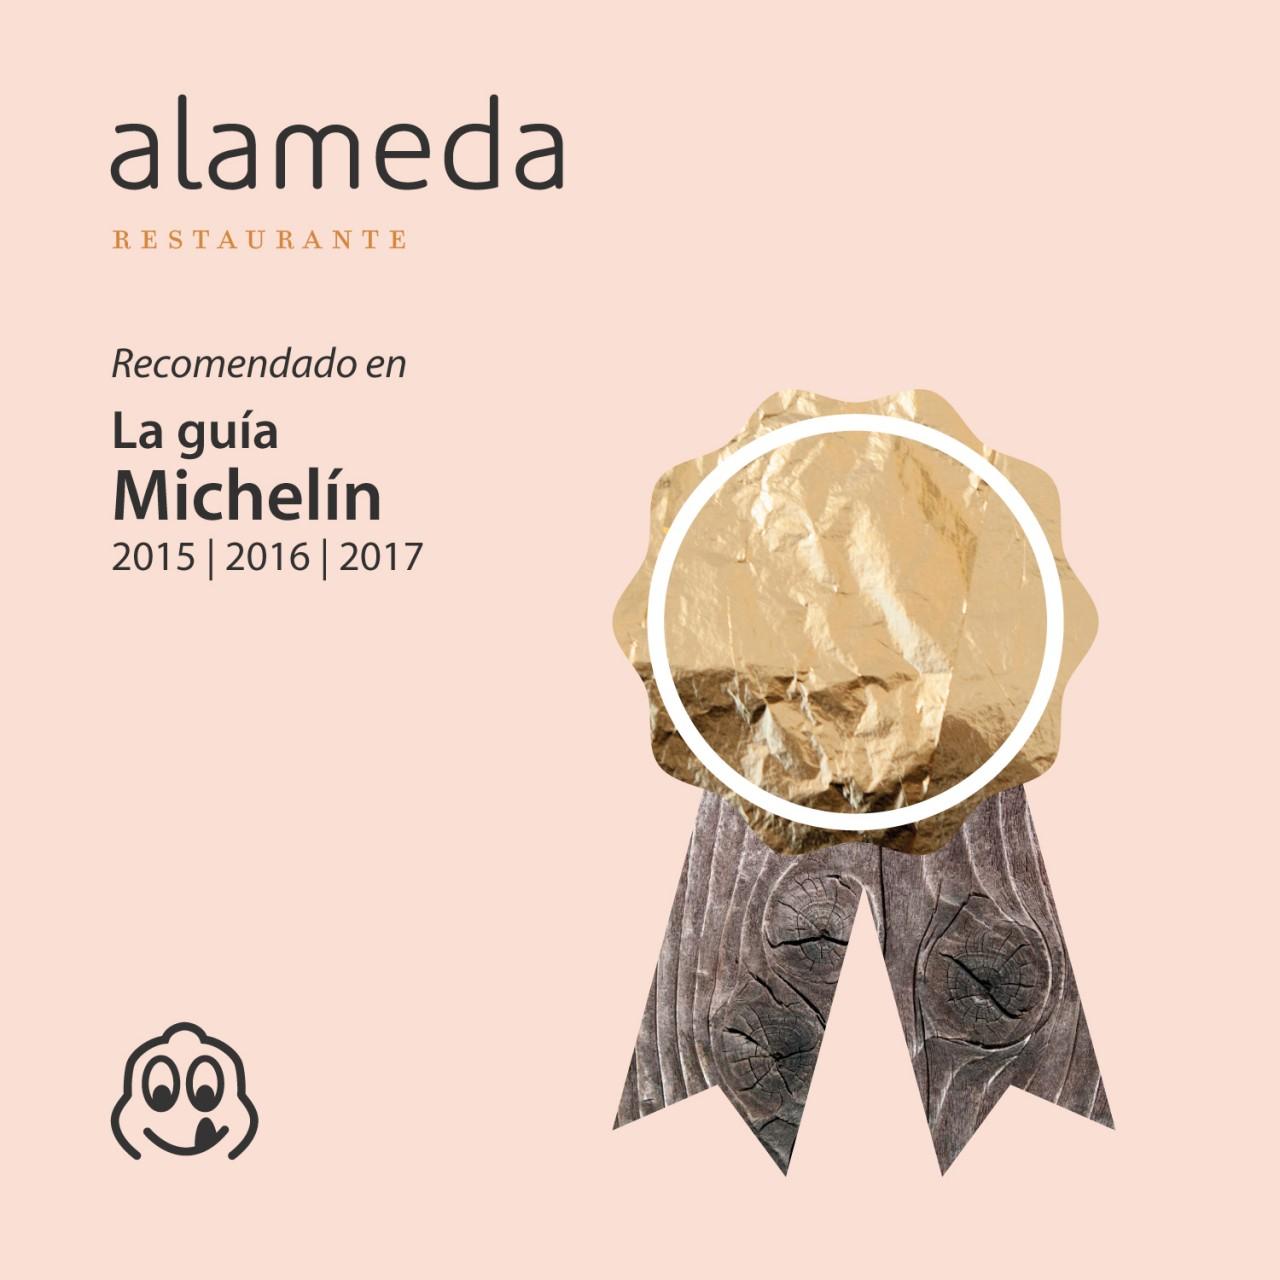 guia-michelin-alameda -